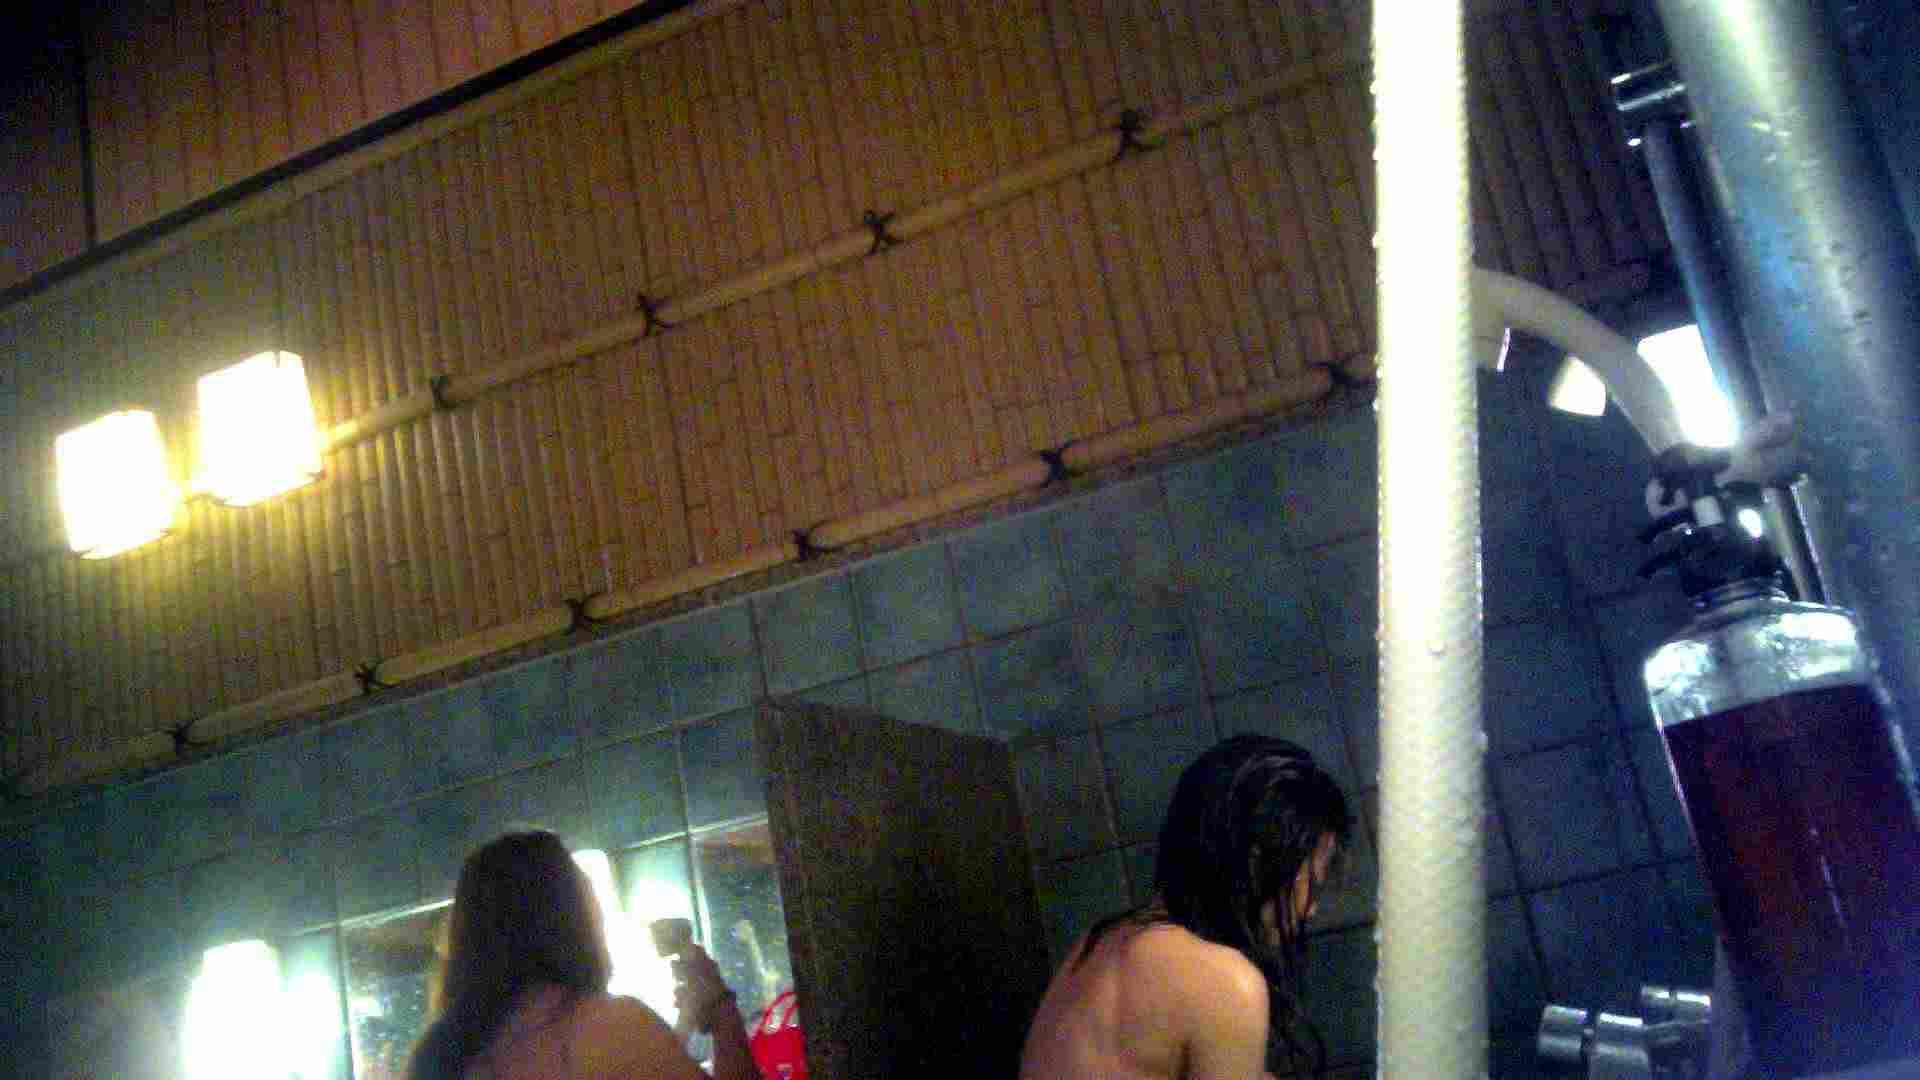 巨乳おまんこ:TG.29 【一等兵】同じ女性でも多種多様だなぁと感じる作品:怪盗ジョーカー